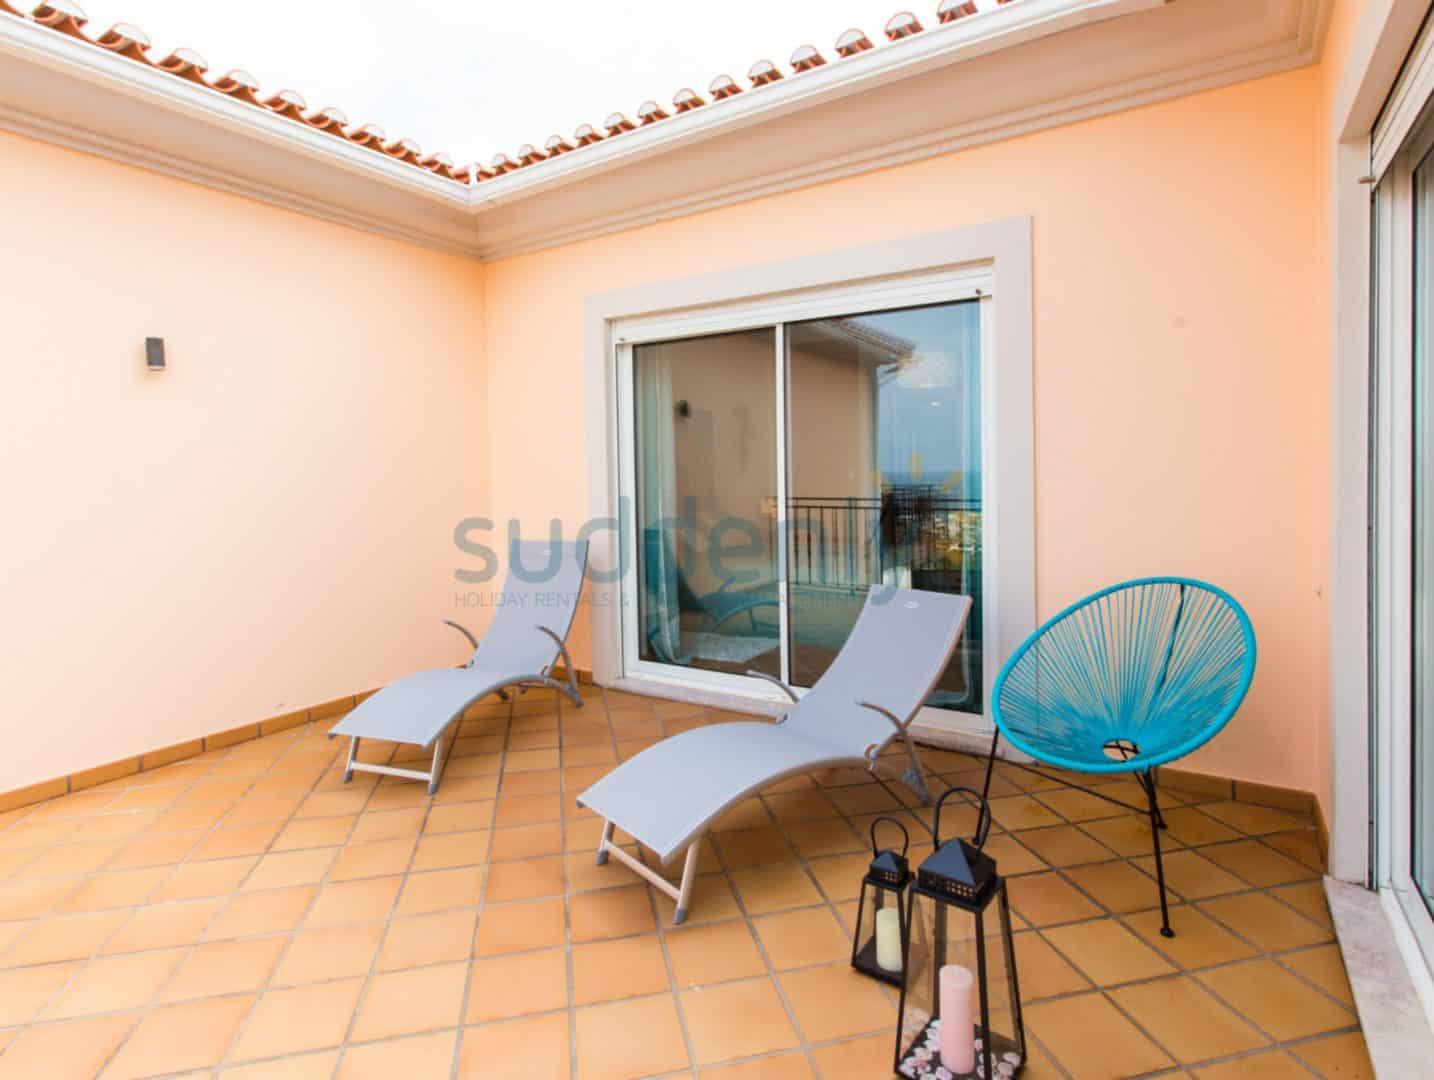 Locations de Vacances à Praia D'El Rey 331